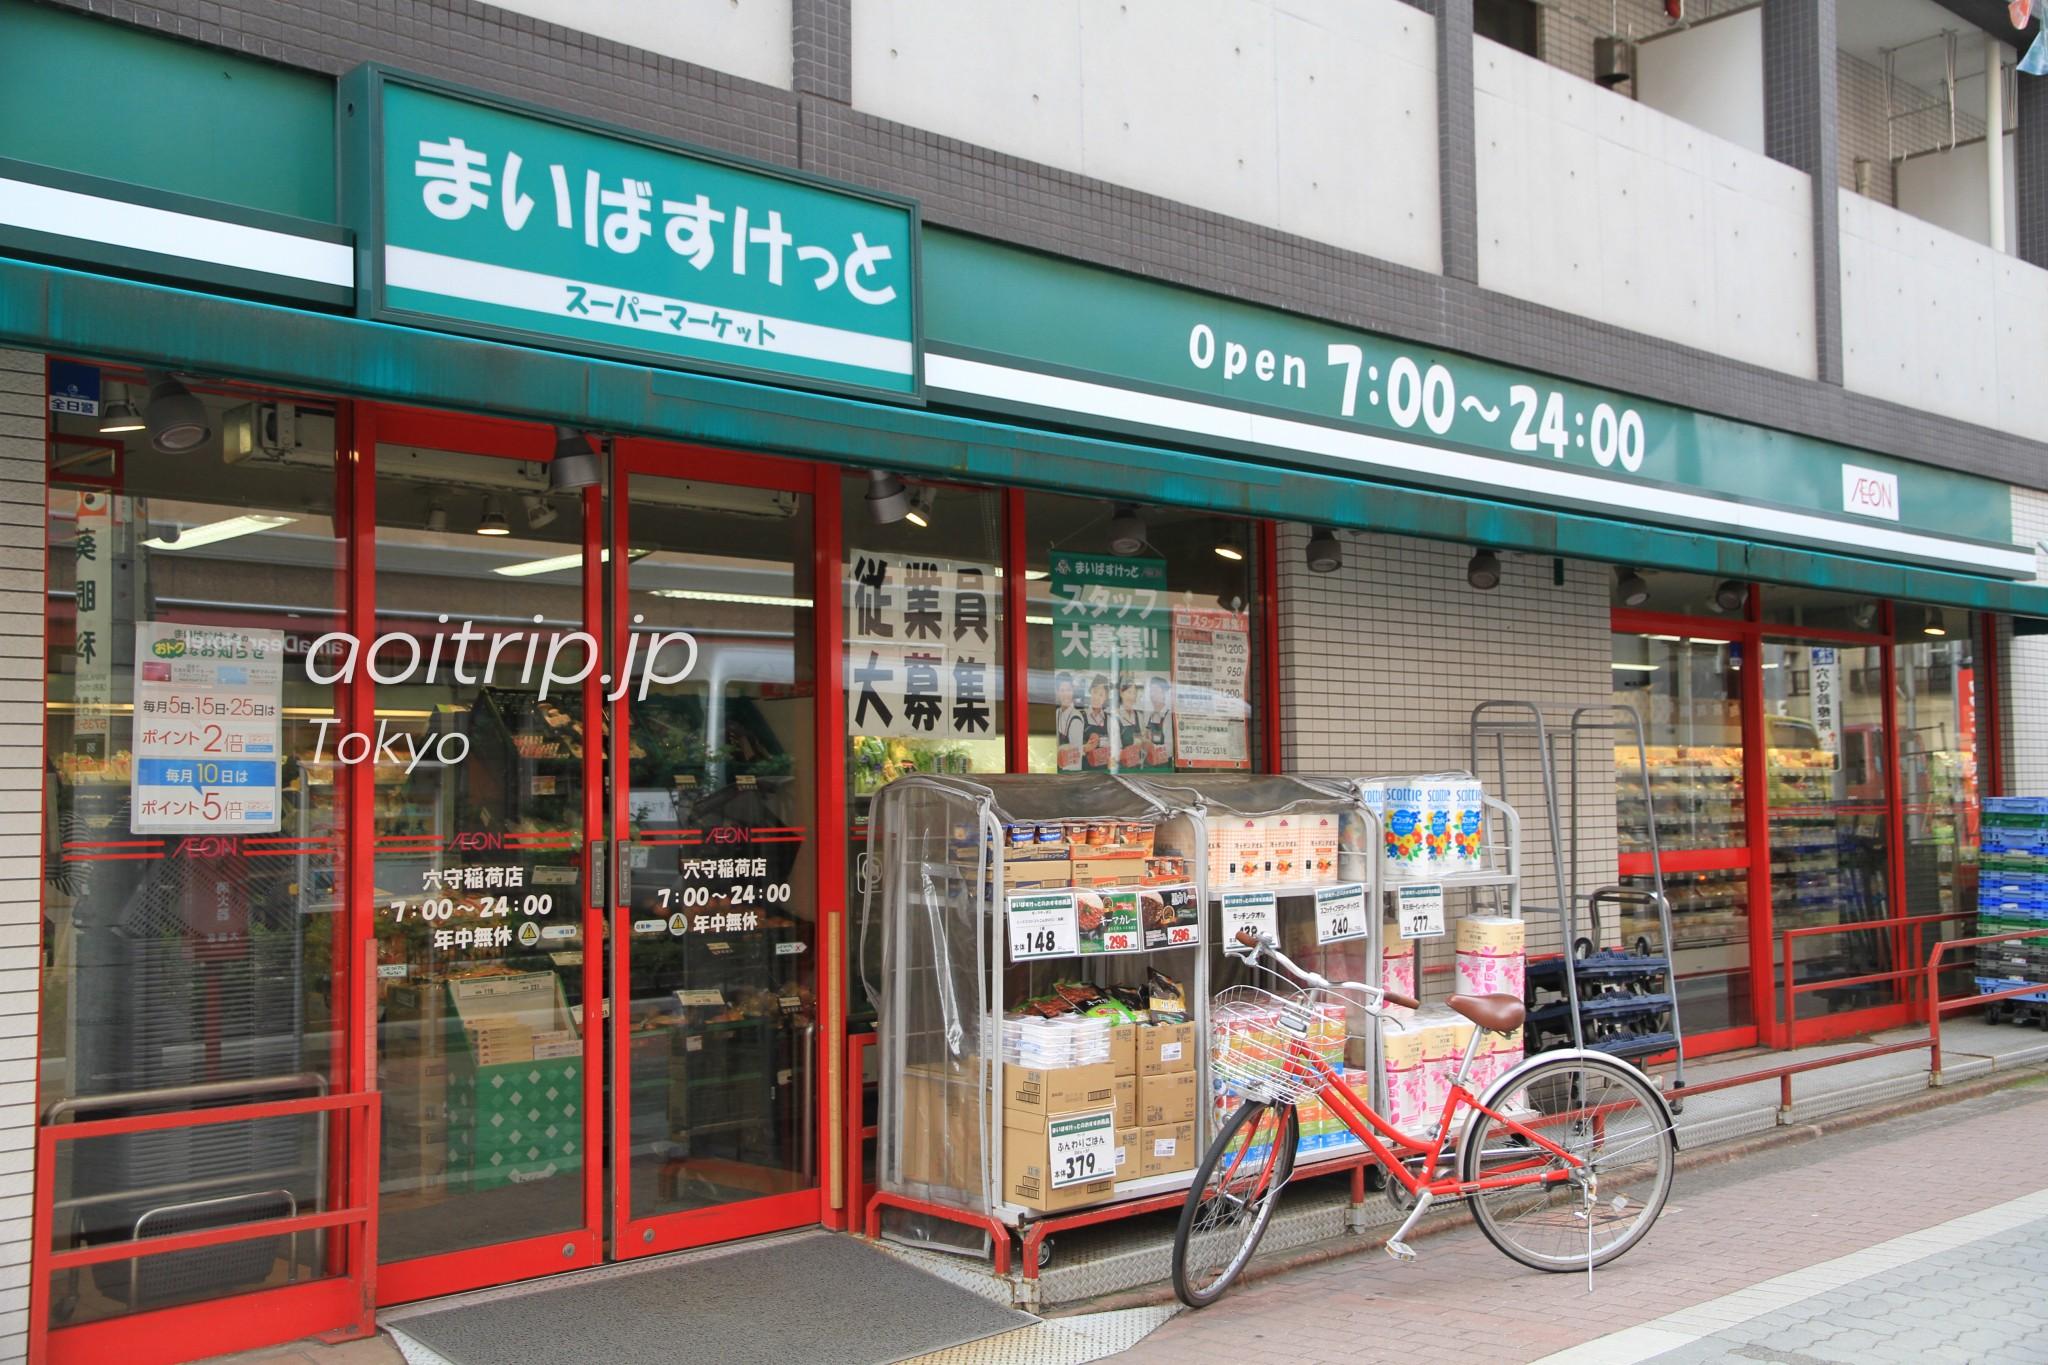 京急EXイン 羽田・穴守稲荷駅前のまいばすけっと